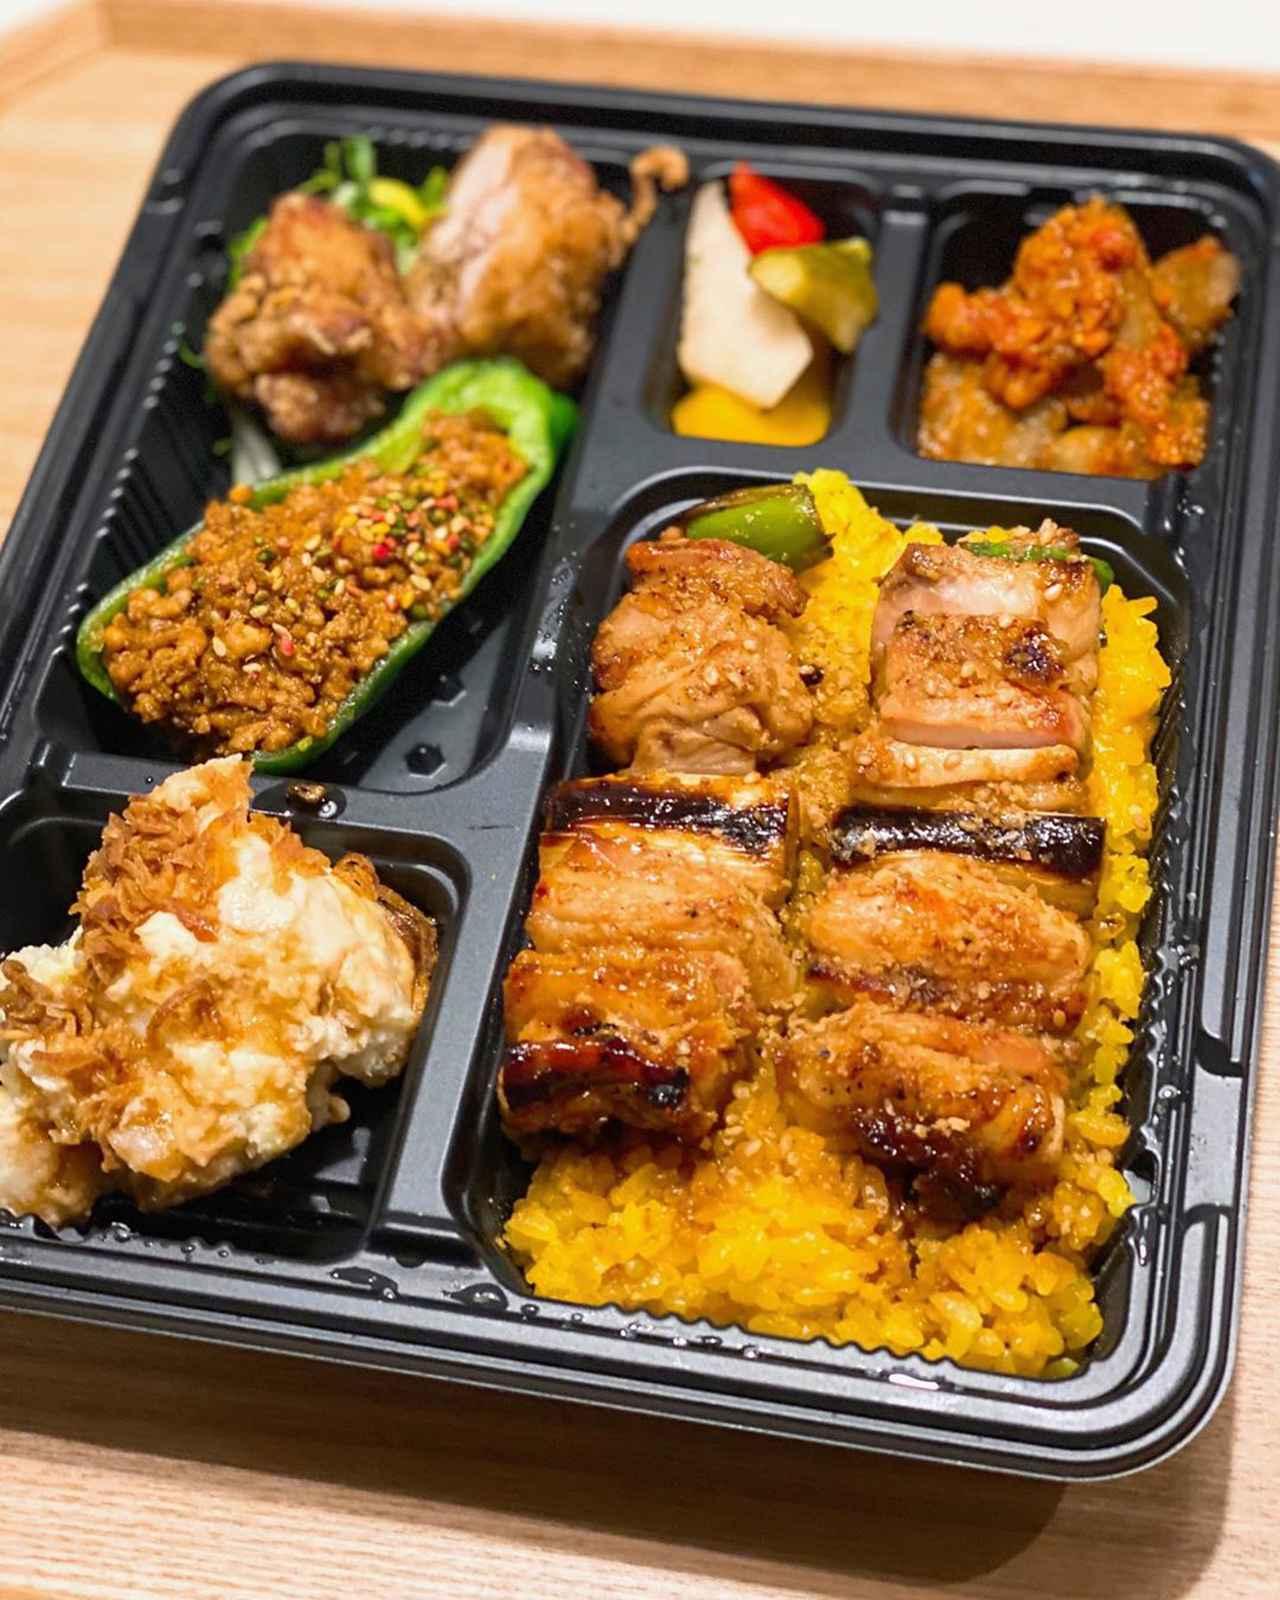 """画像1: 秋山具義 on Instagram: """"ユーヅーイーツで、遊津くんがバイクでデリバリーしてくれて、『焼鳥 やおや』やおや弁当、やおやのあて盛り、チキンカレープレート、新商品のチキンオーバーライスをテイクアウト。 白飯は、全てターメリックライスに変更可能です。 …"""" www.instagram.com"""